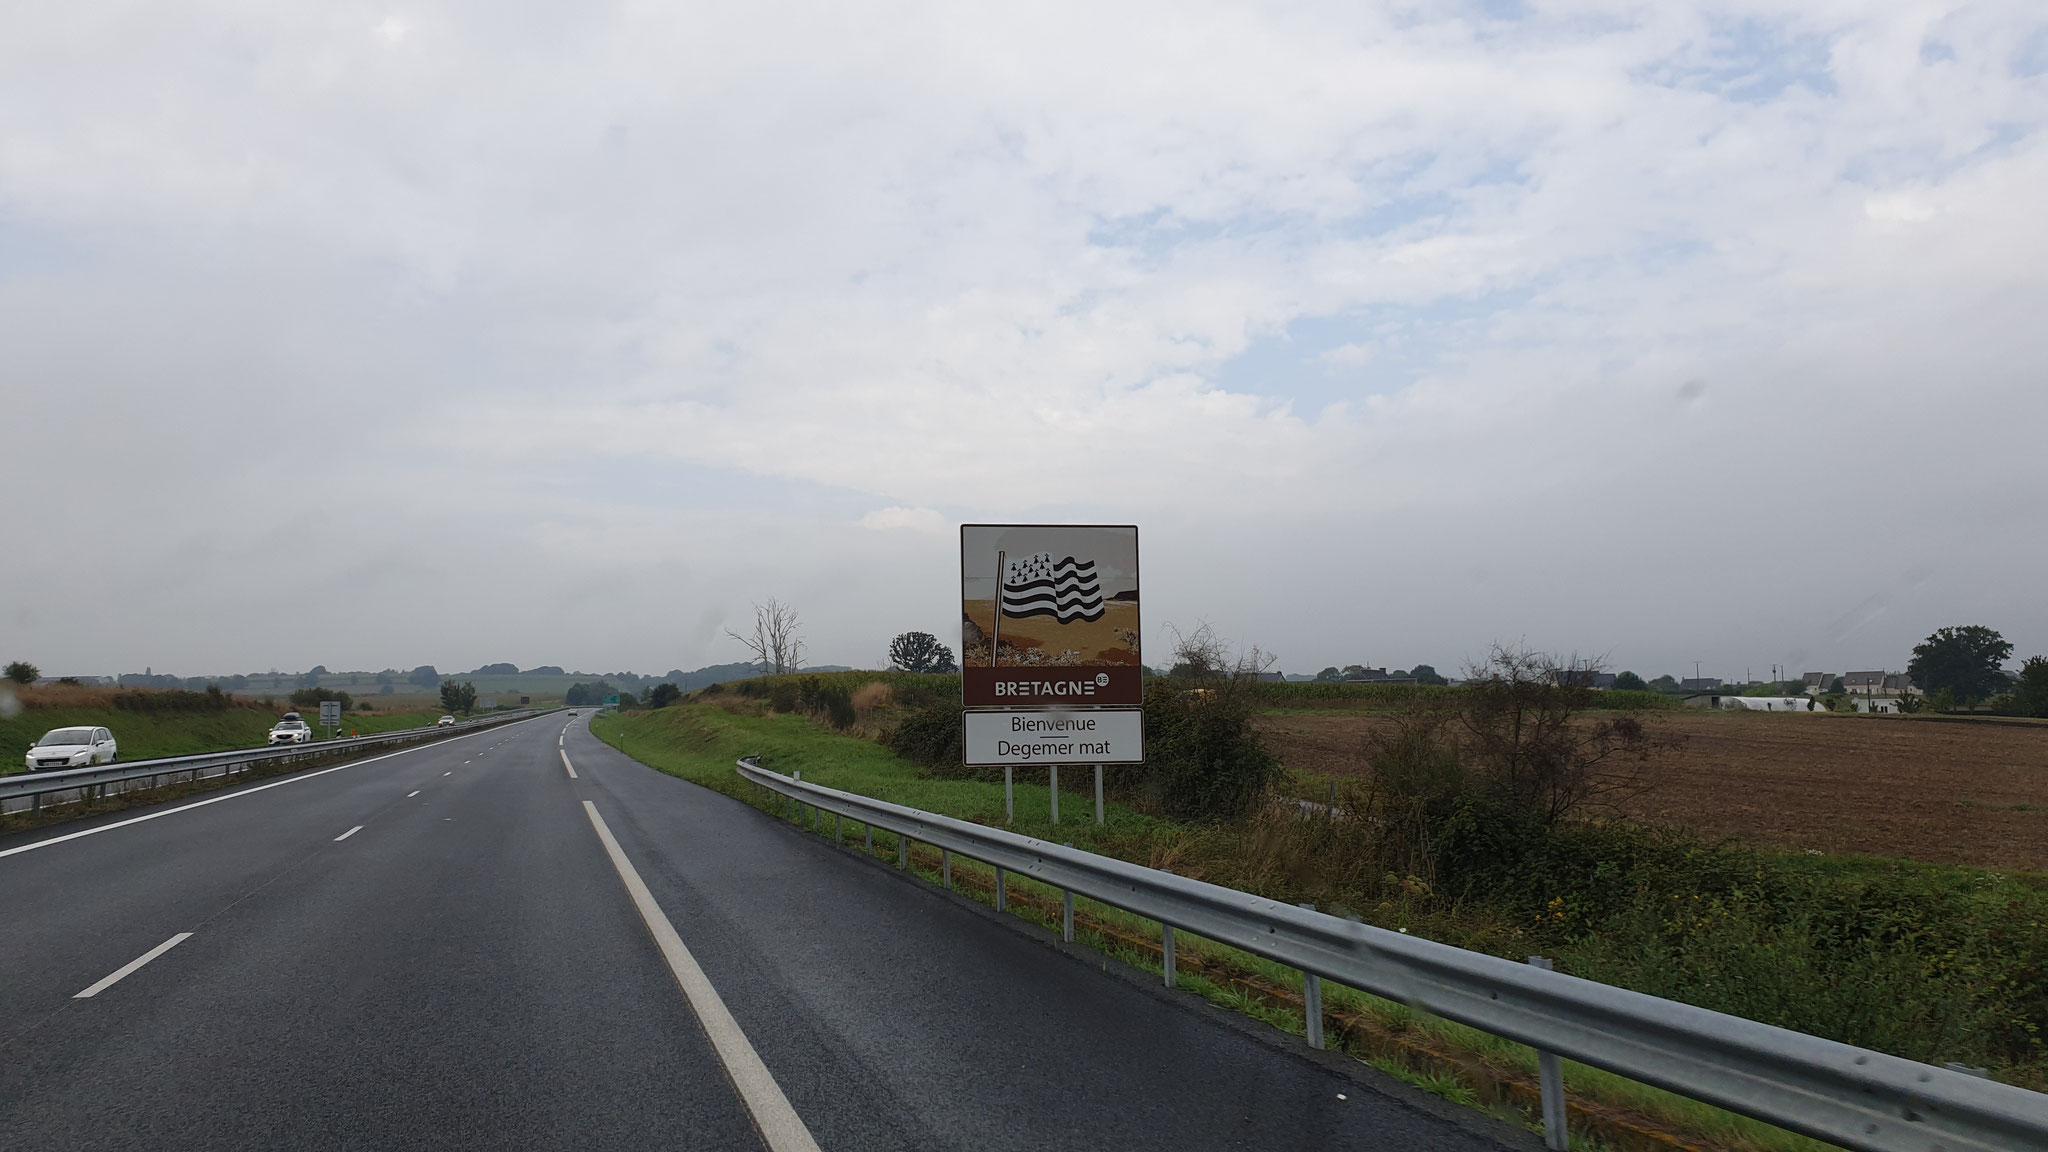 Wieder in der Bretagne